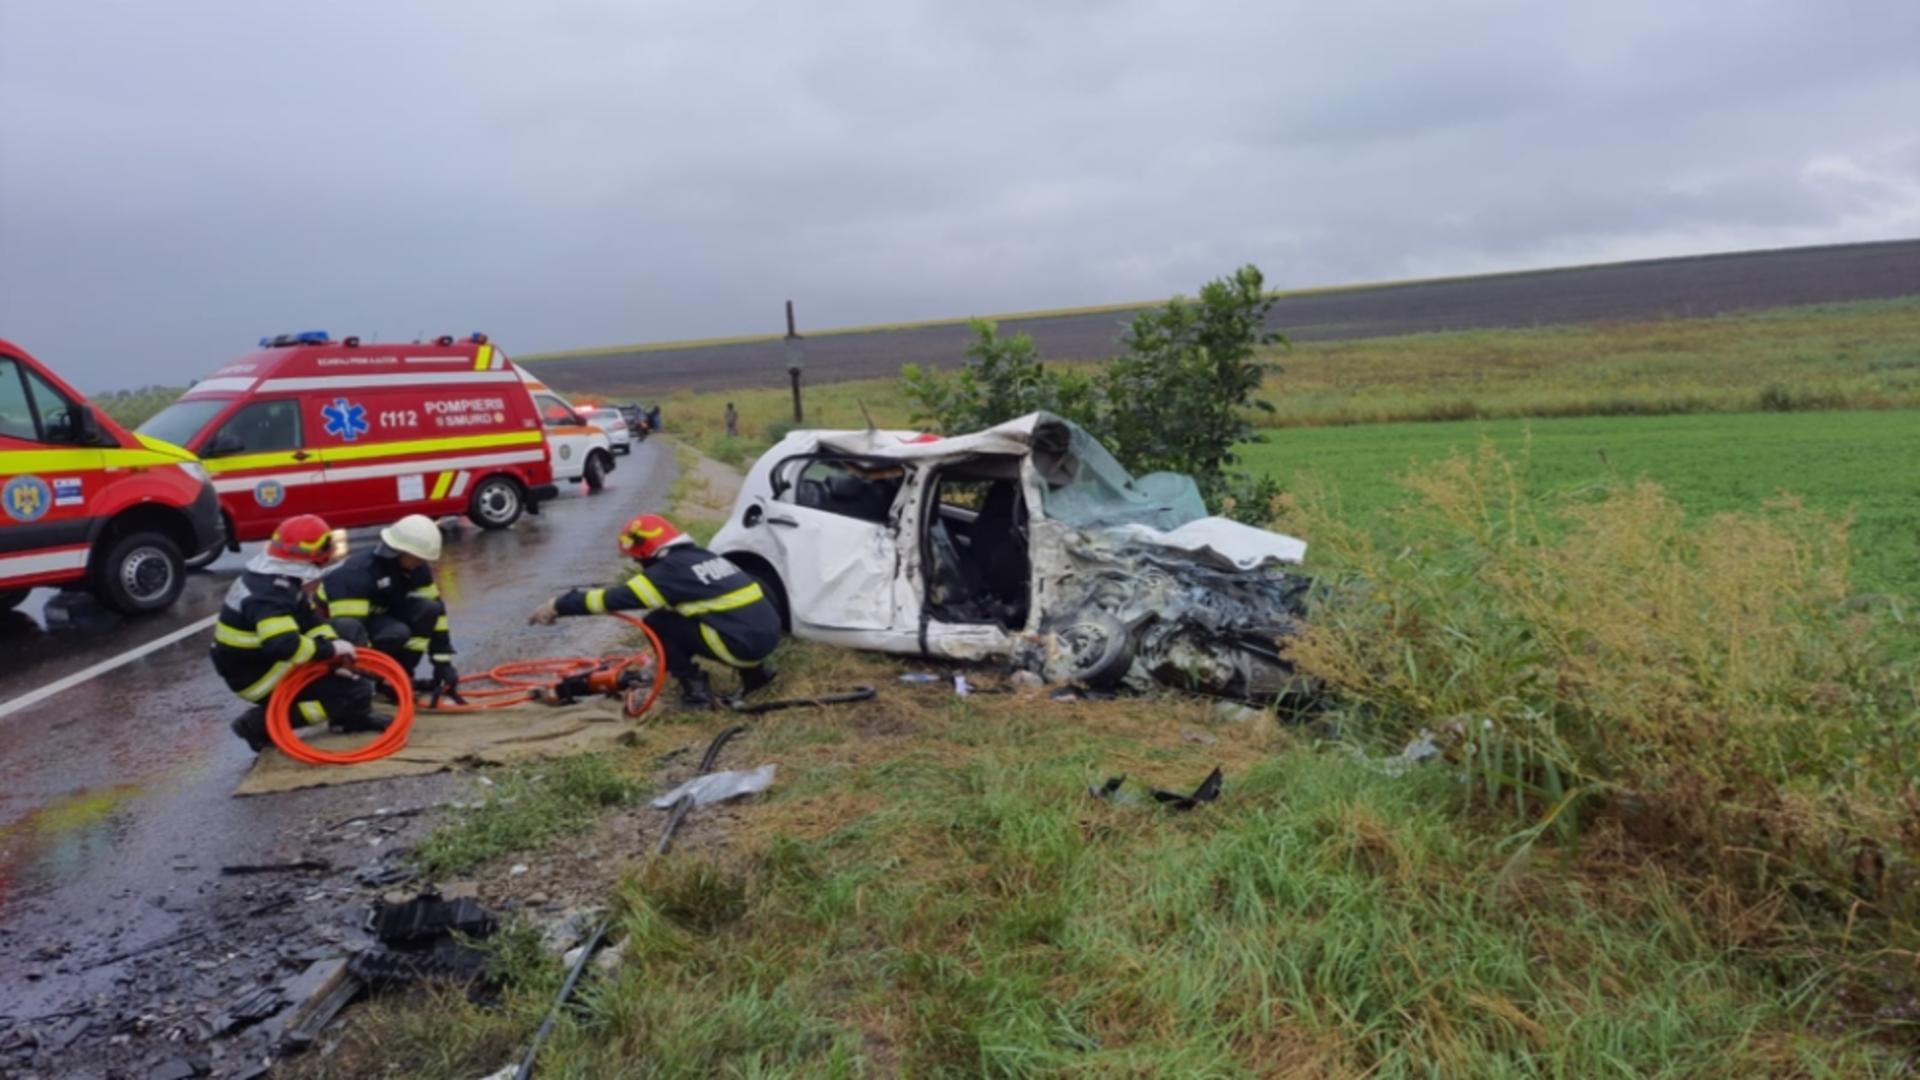 Foto arhivă. Accident grav într-o localitate din Suceava. Doi copii și un adult au ajuns la spital.